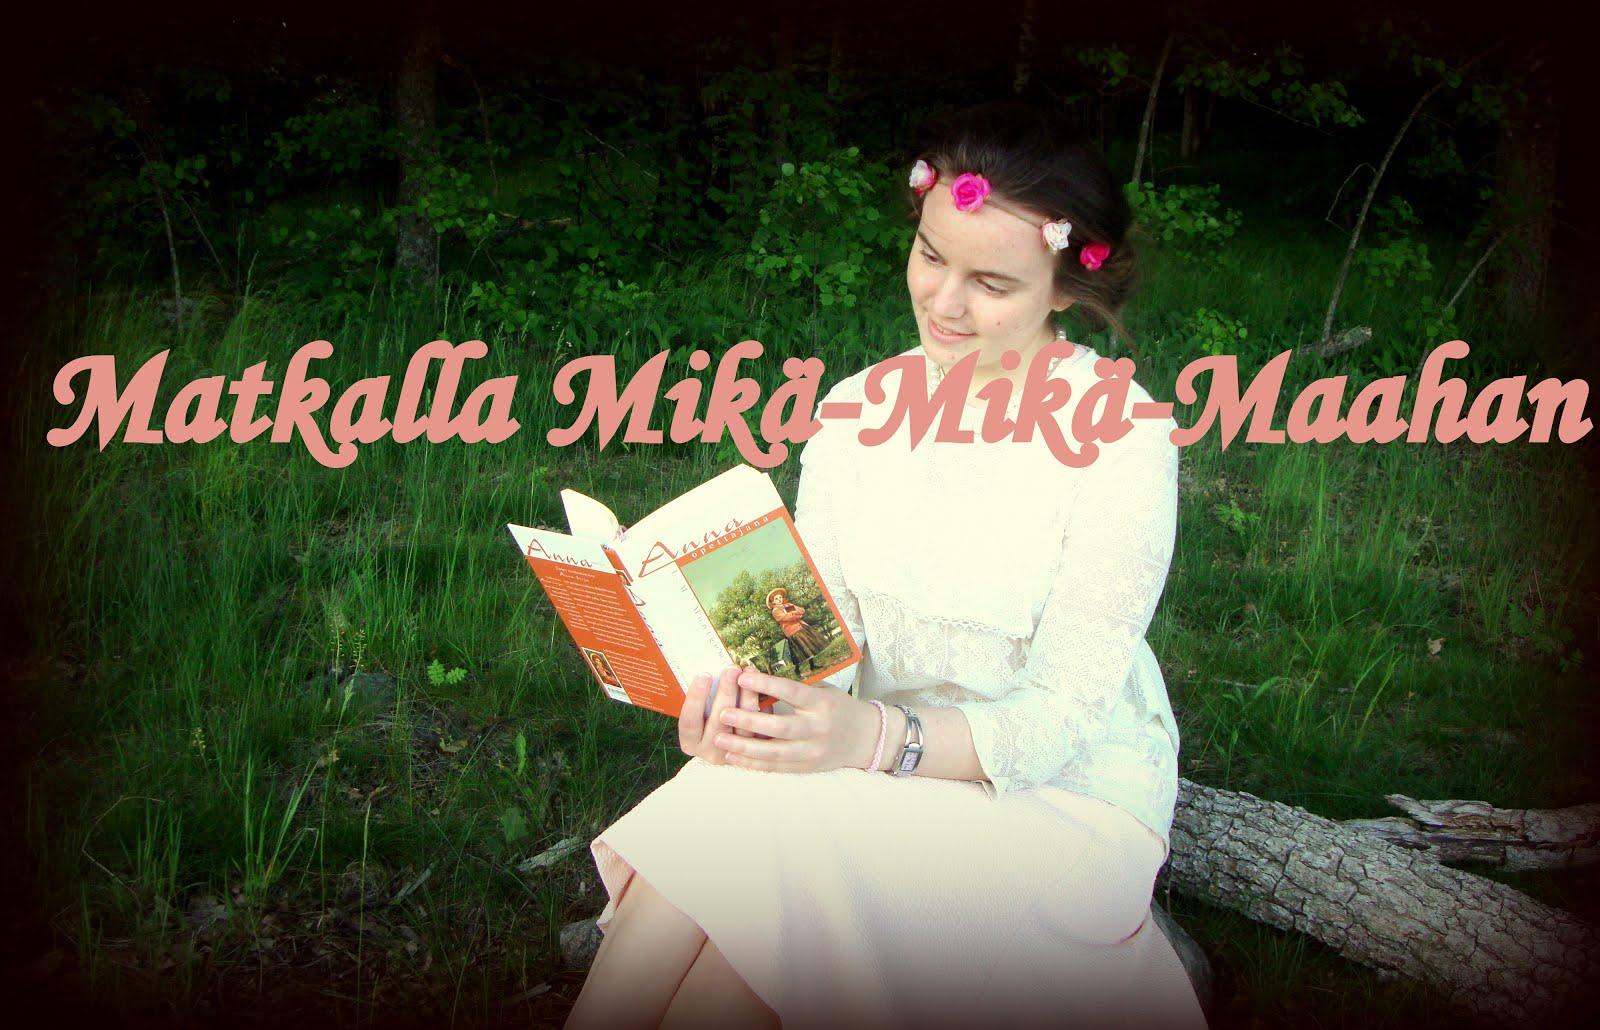 Tartu kirjaan ja lähde matkaani mielikuvituksen Mikä-Mikä-Maahan!